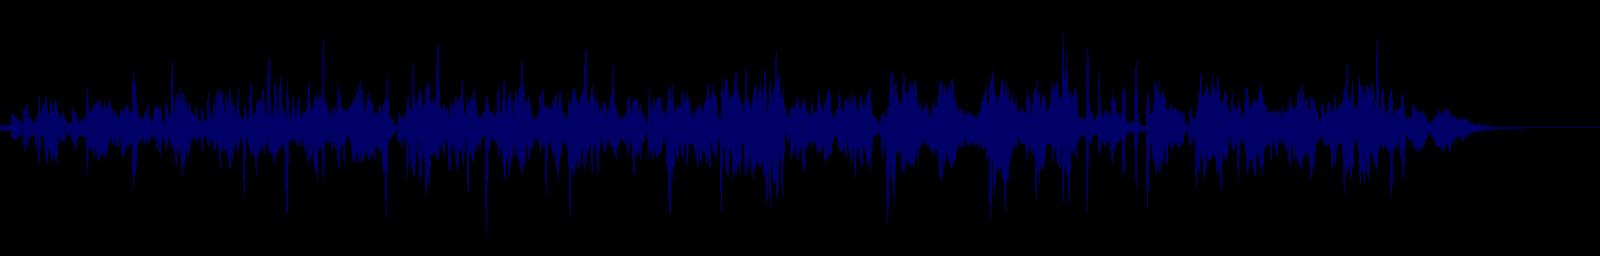 waveform of track #151501